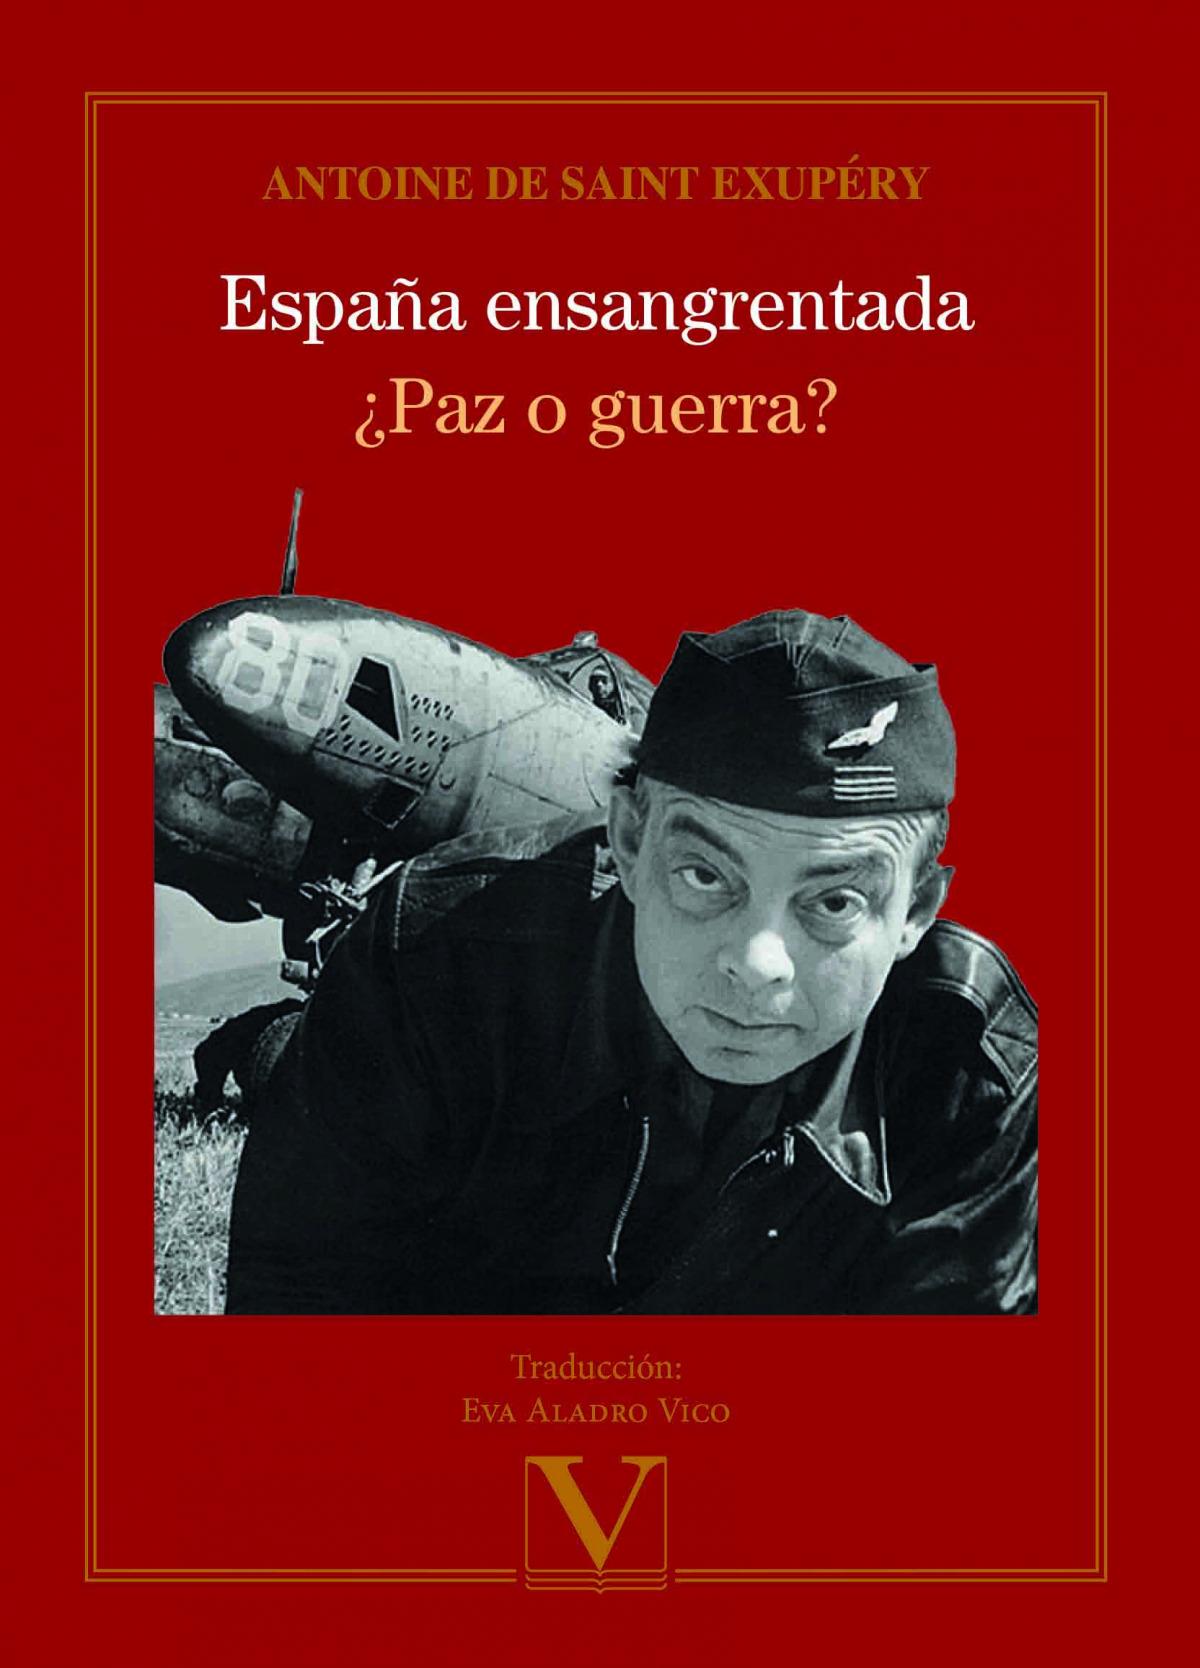 España ensangrentada y ¿Paz o guerra